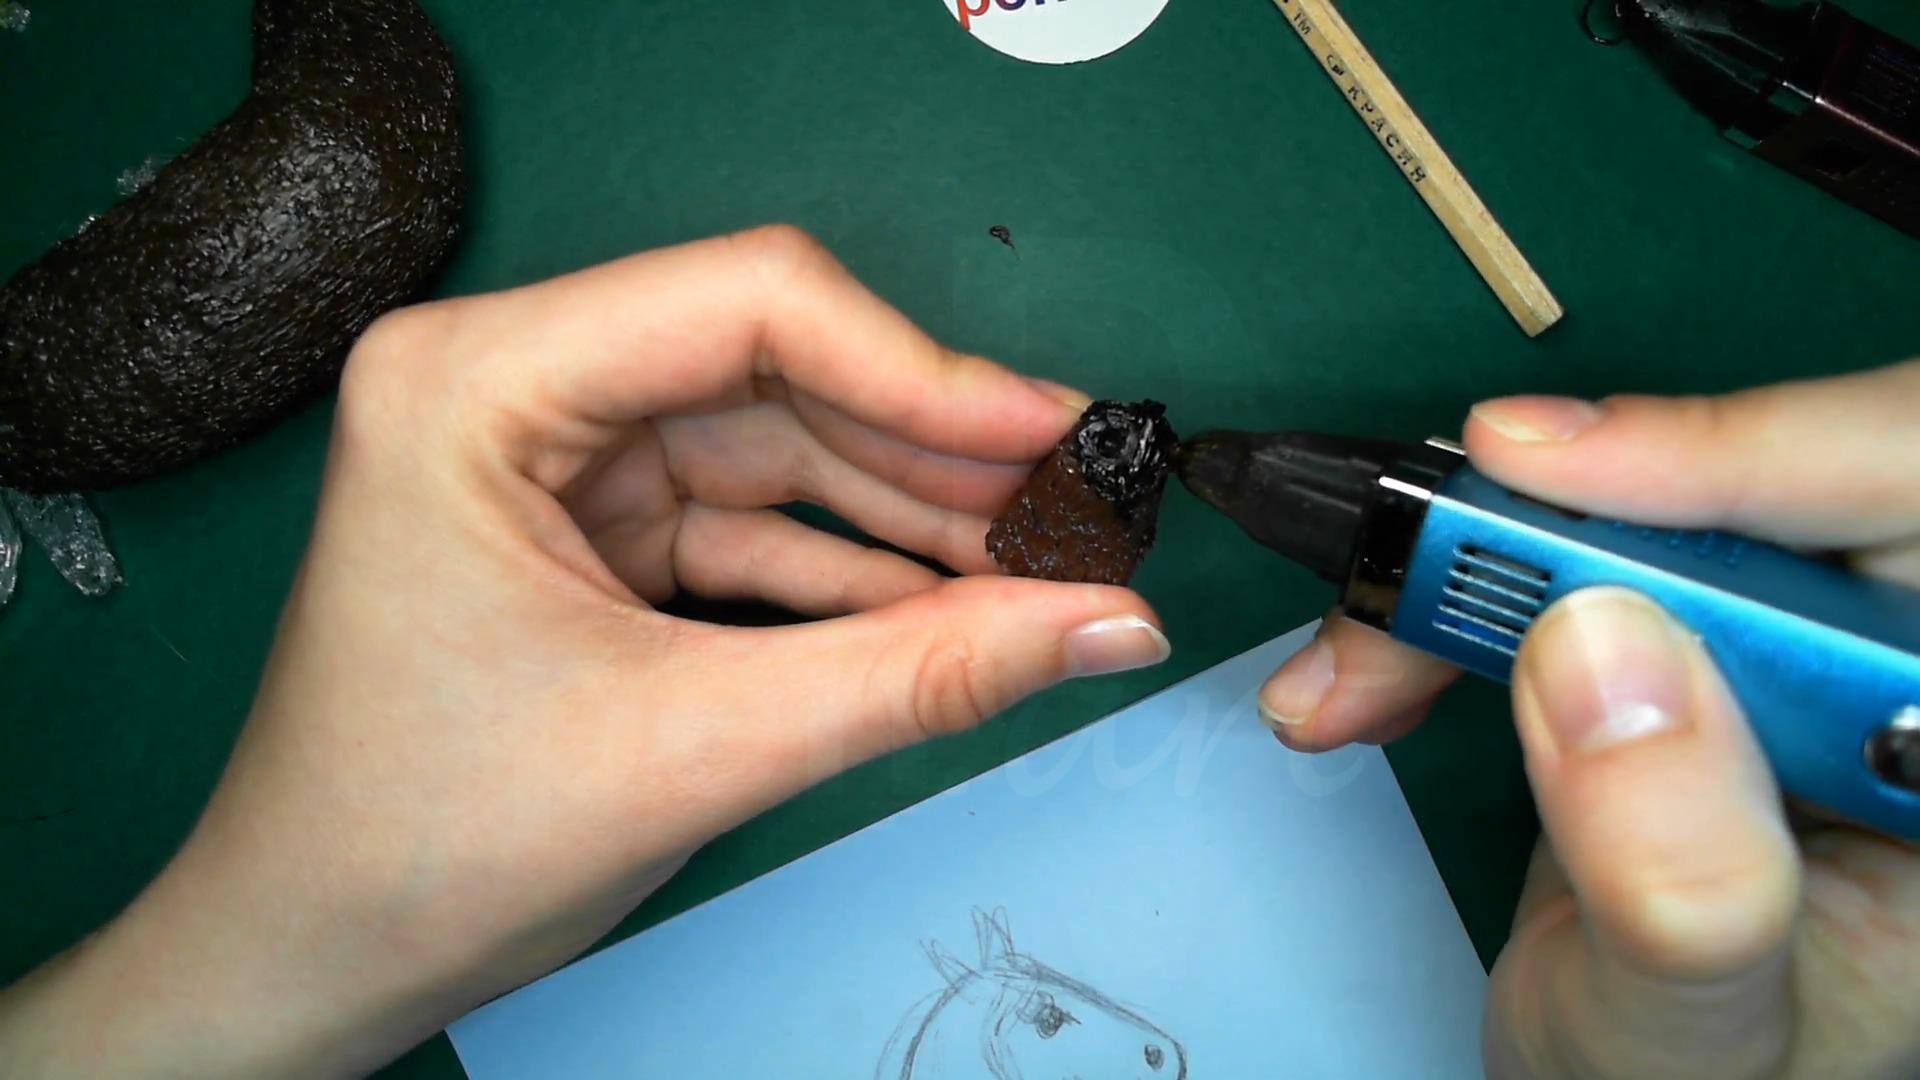 Лошадка 3D ручкой. Чистовая штриховка головы